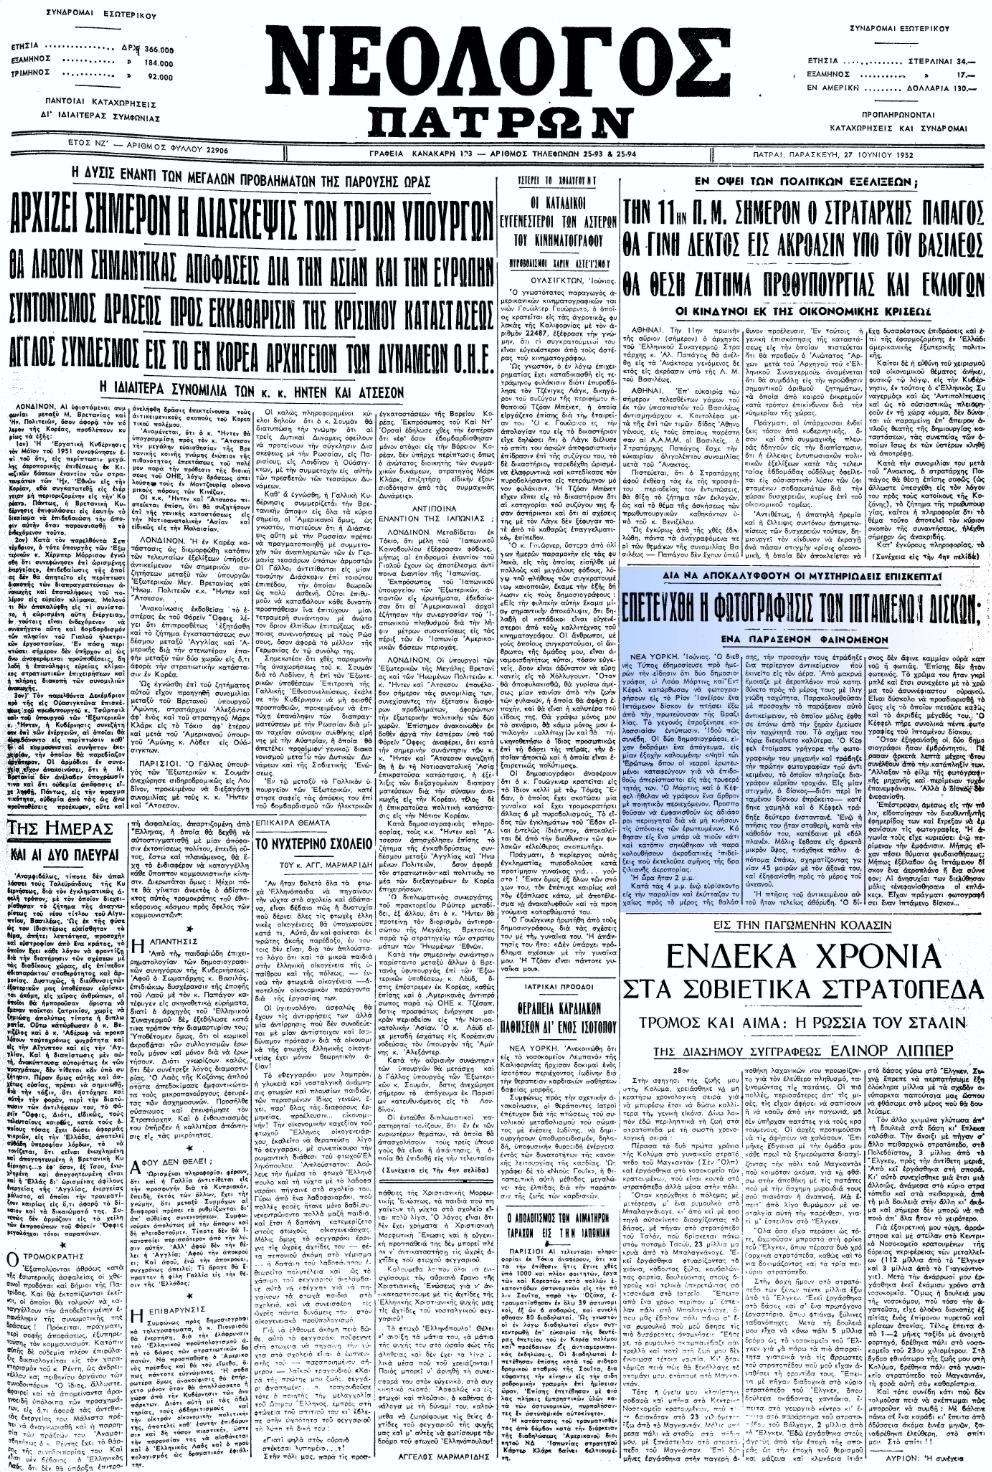 """Το άρθρο, όπως δημοσιεύθηκε στην εφημερίδα """"ΝΕΟΛΟΓΟΣ ΠΑΤΡΩΝ"""", στις 27/06/1952"""